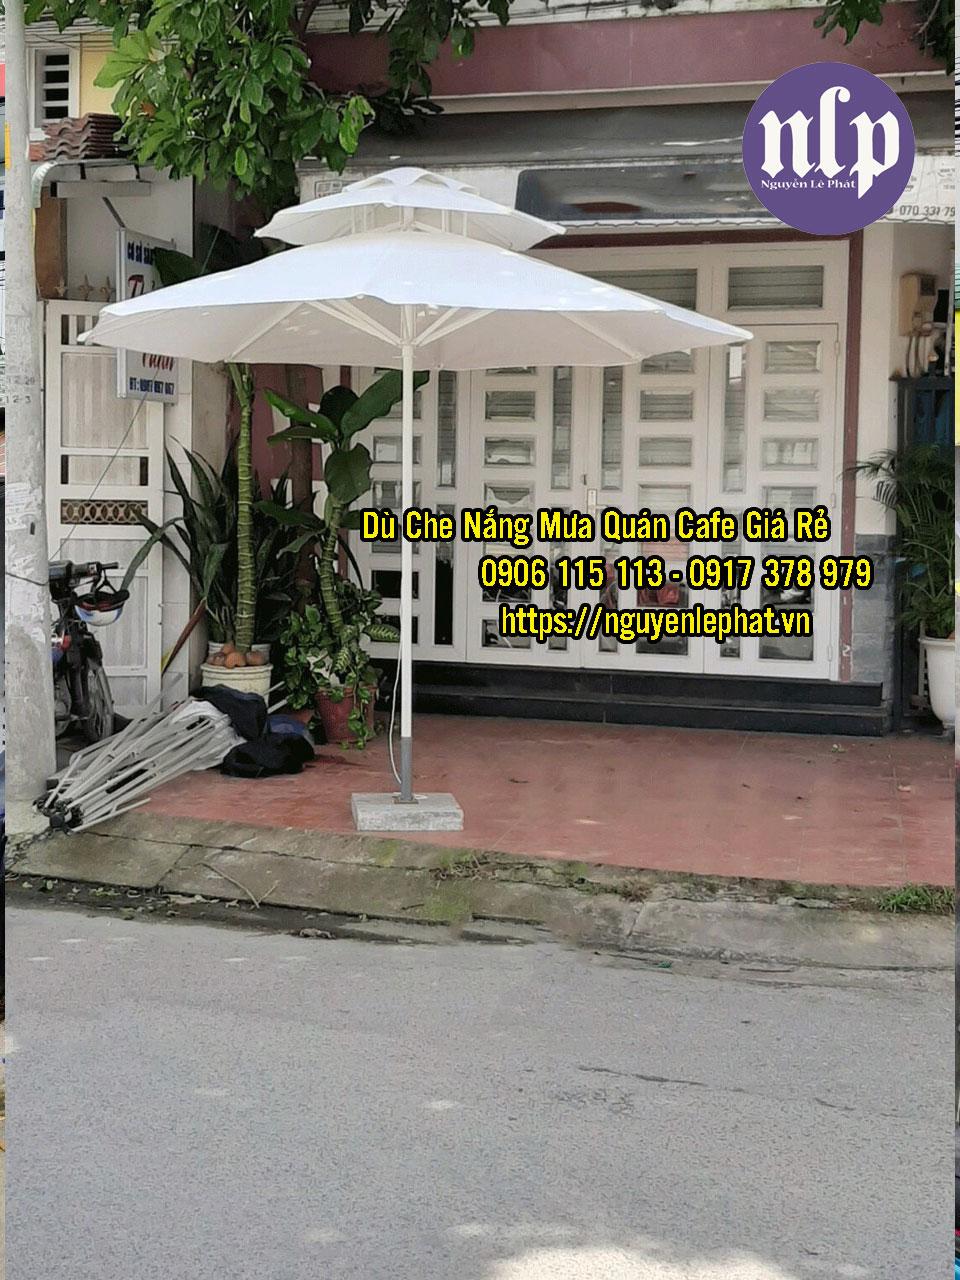 Dù Đứng tâm 2 tầng che nắng mưa quán cafe giá rẻ mẫu mới đẹp